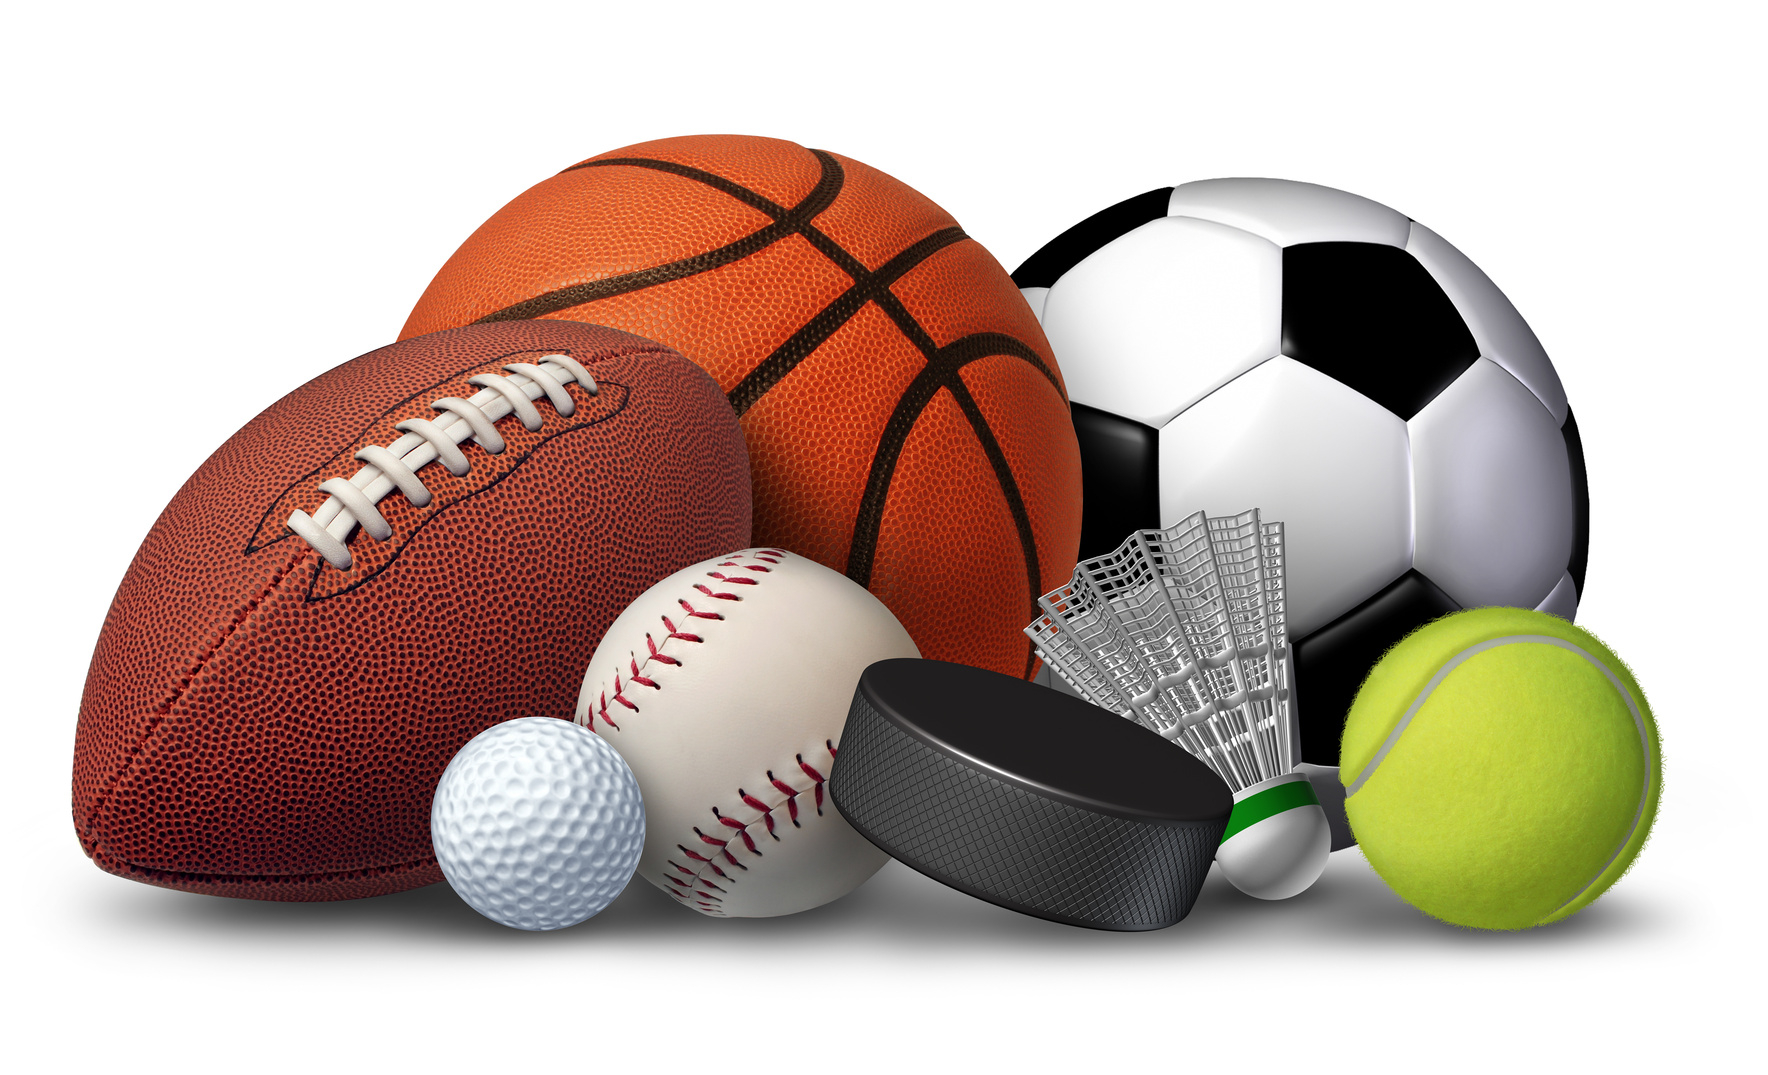 Разнообразие спортивных товаров для различных видов тренировок